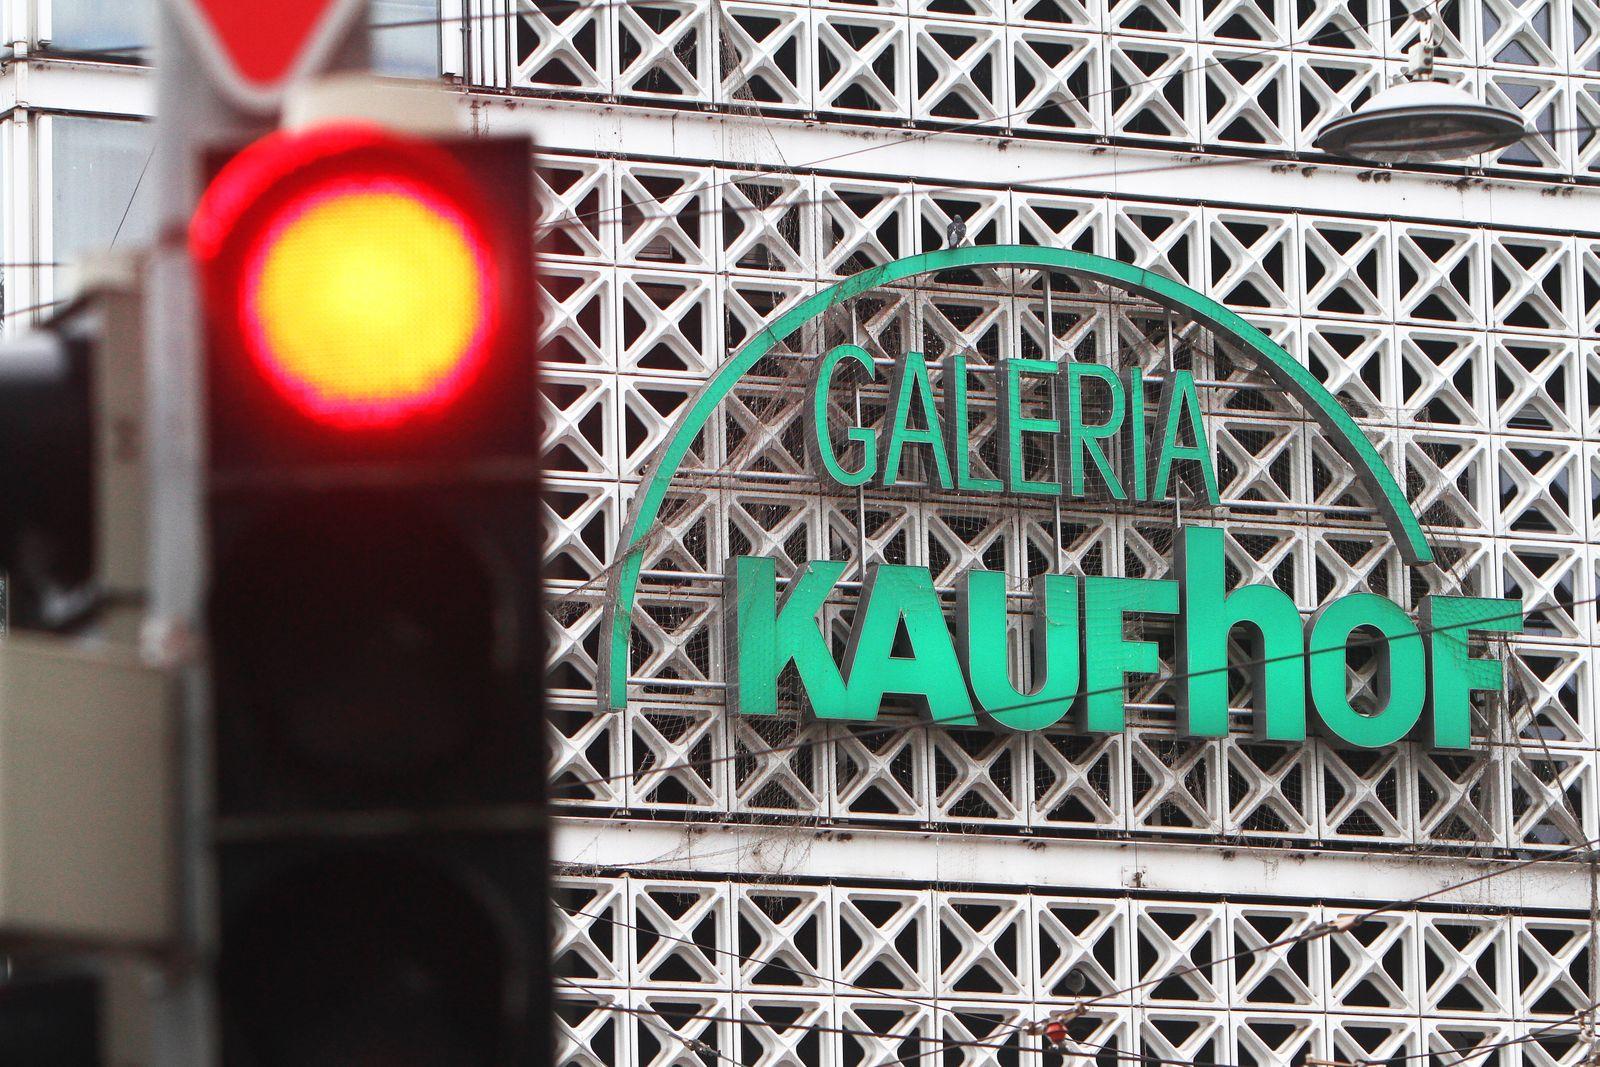 Eine rote Verkehrsampel steht vor der Karstadt Galeria Kaufhof Filiale am Bismarckplatz in der Innenstadt von Heidelberg